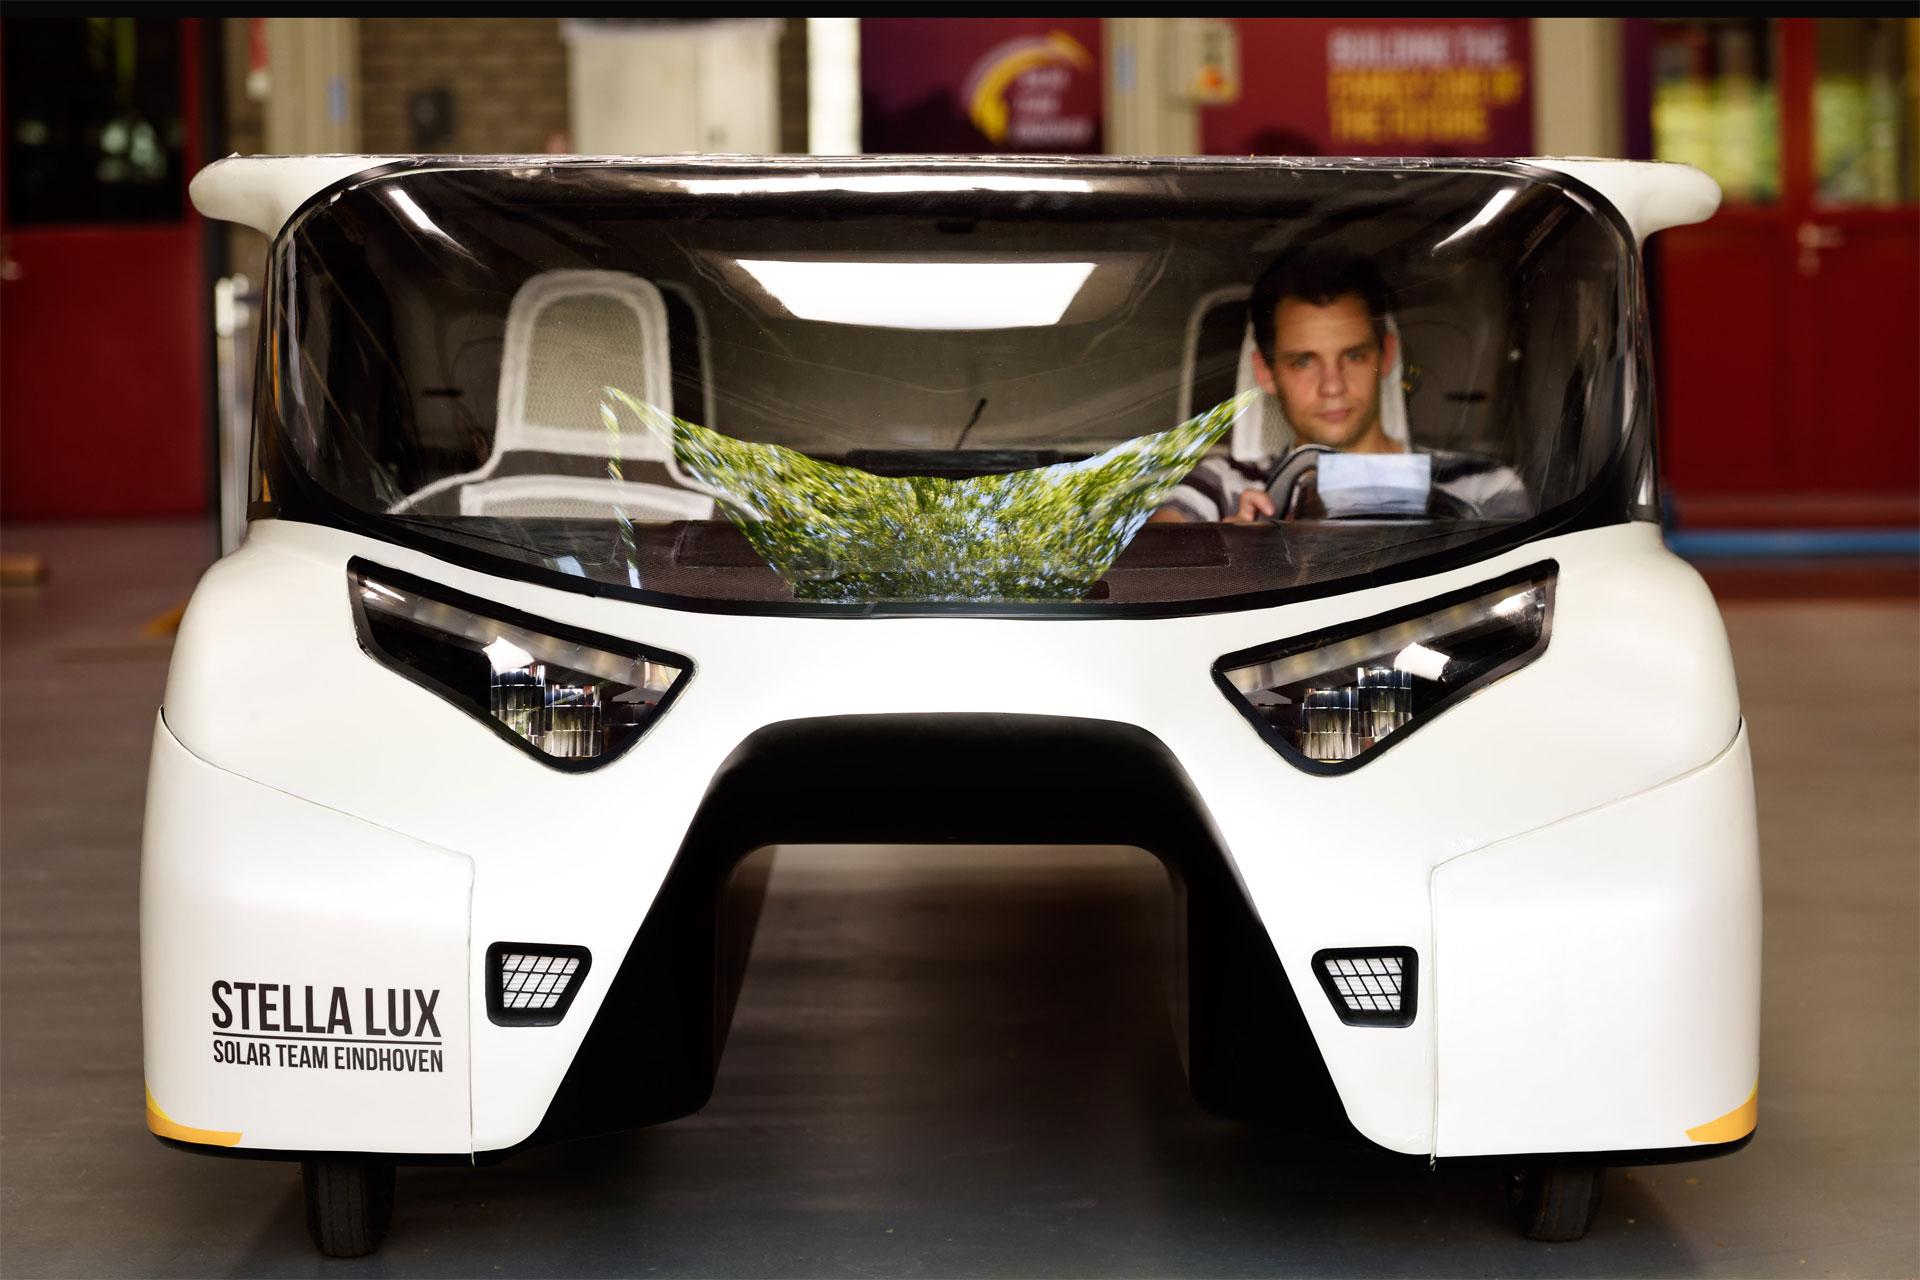 Stella Lux puede correr hasta 120 km/h gracias a 1224 celdas solares